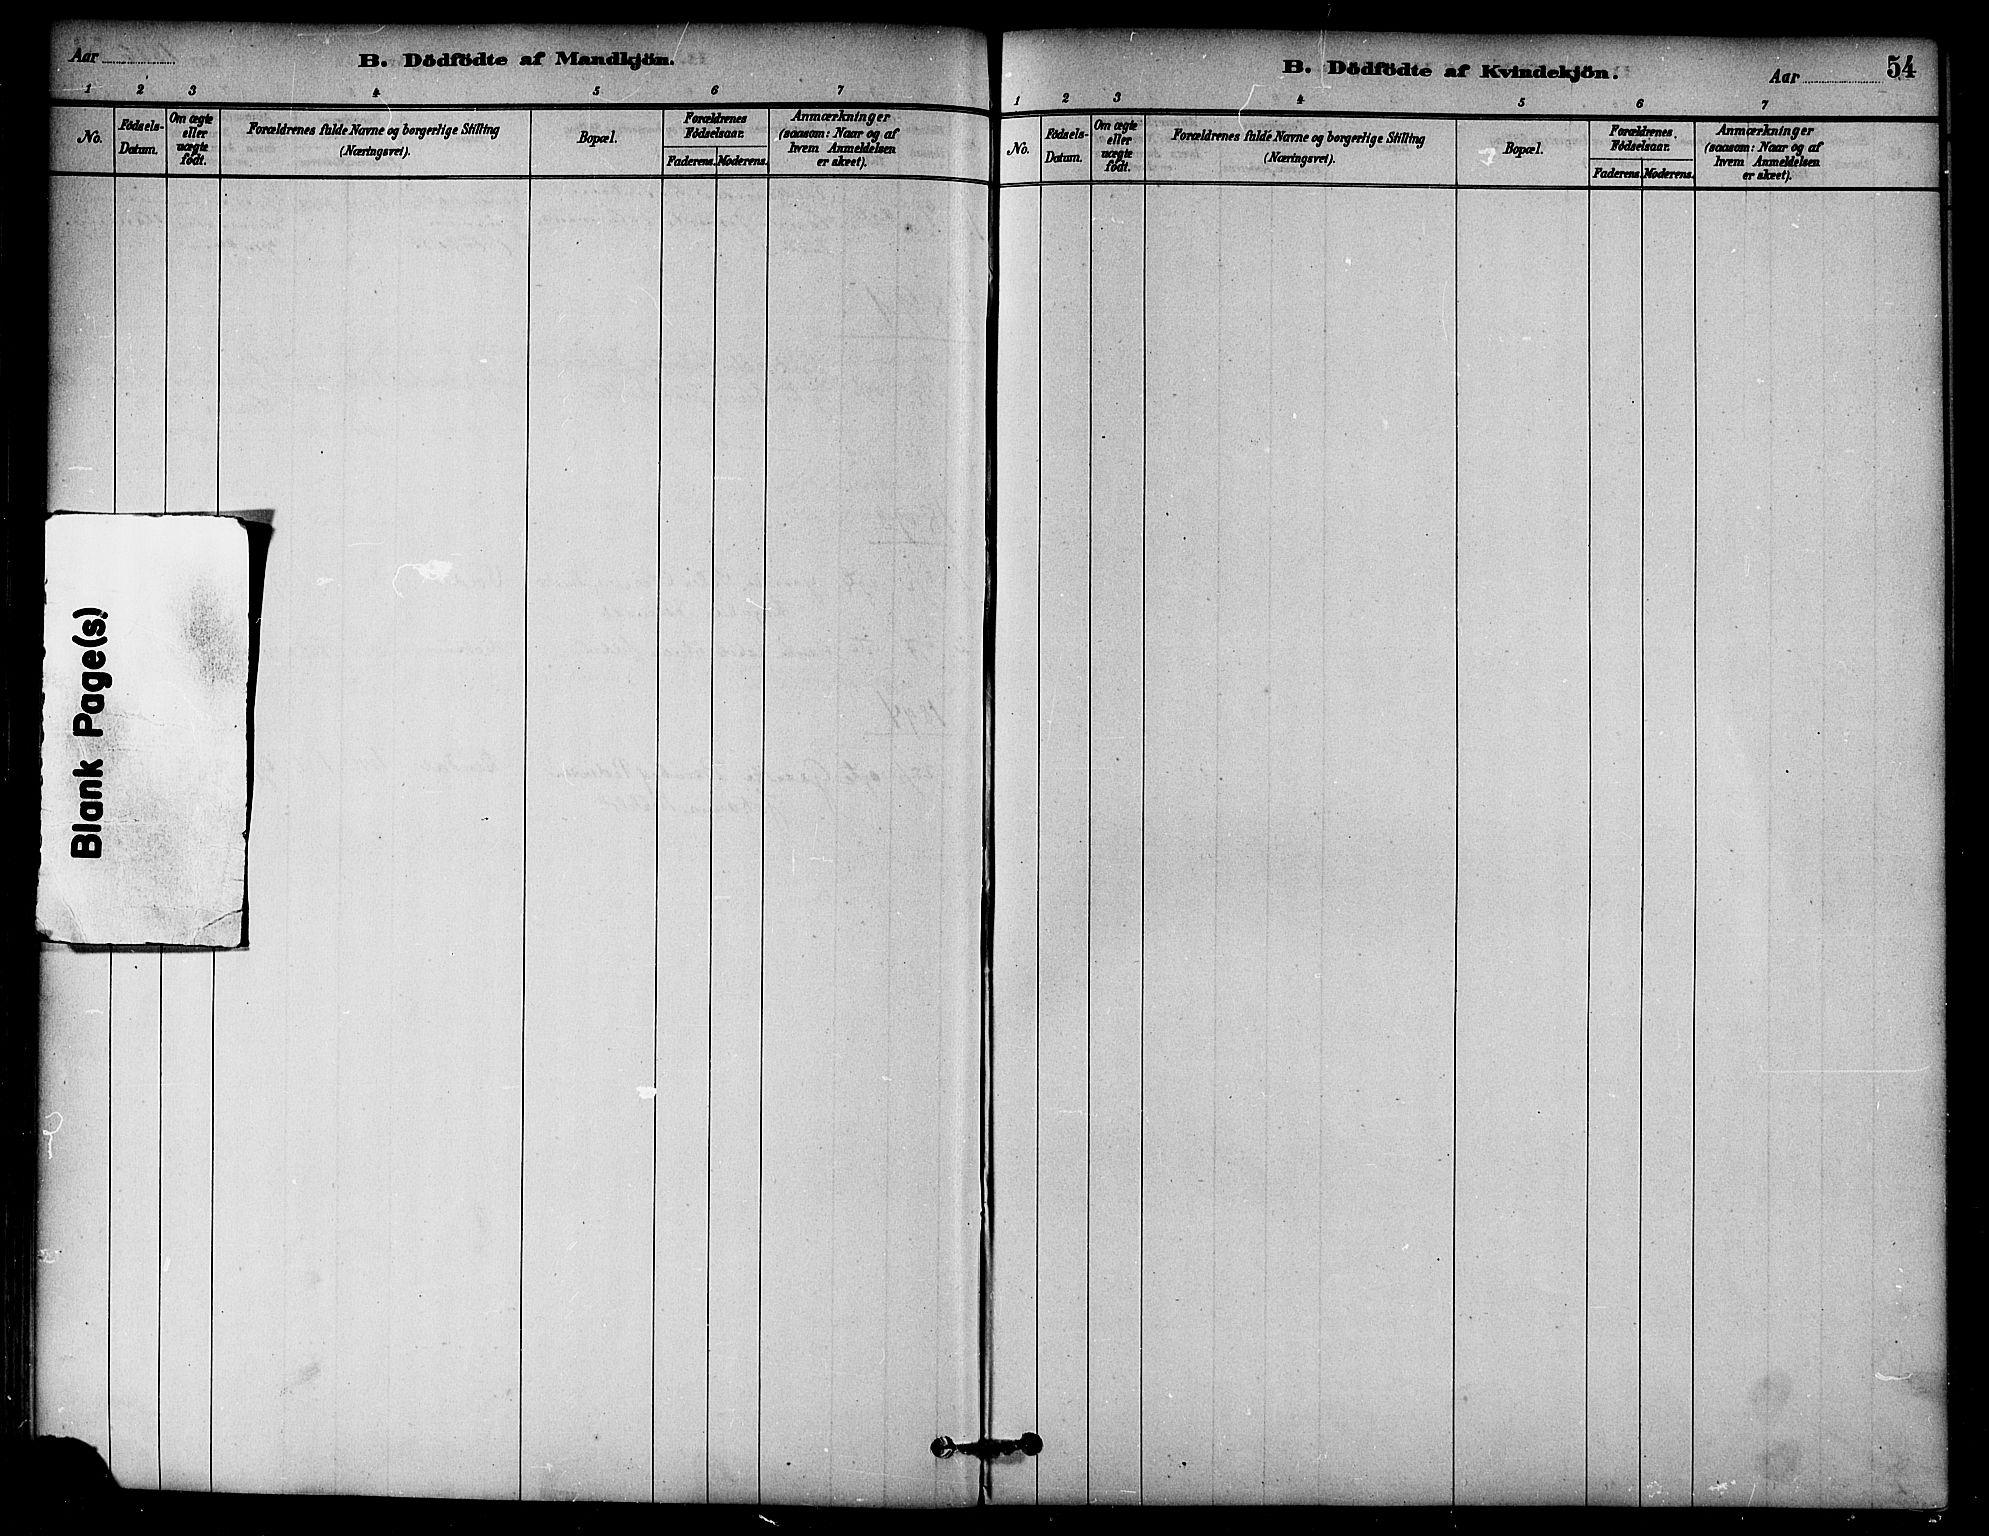 SAT, Ministerialprotokoller, klokkerbøker og fødselsregistre - Nord-Trøndelag, 764/L0555: Ministerialbok nr. 764A10, 1881-1896, s. 54